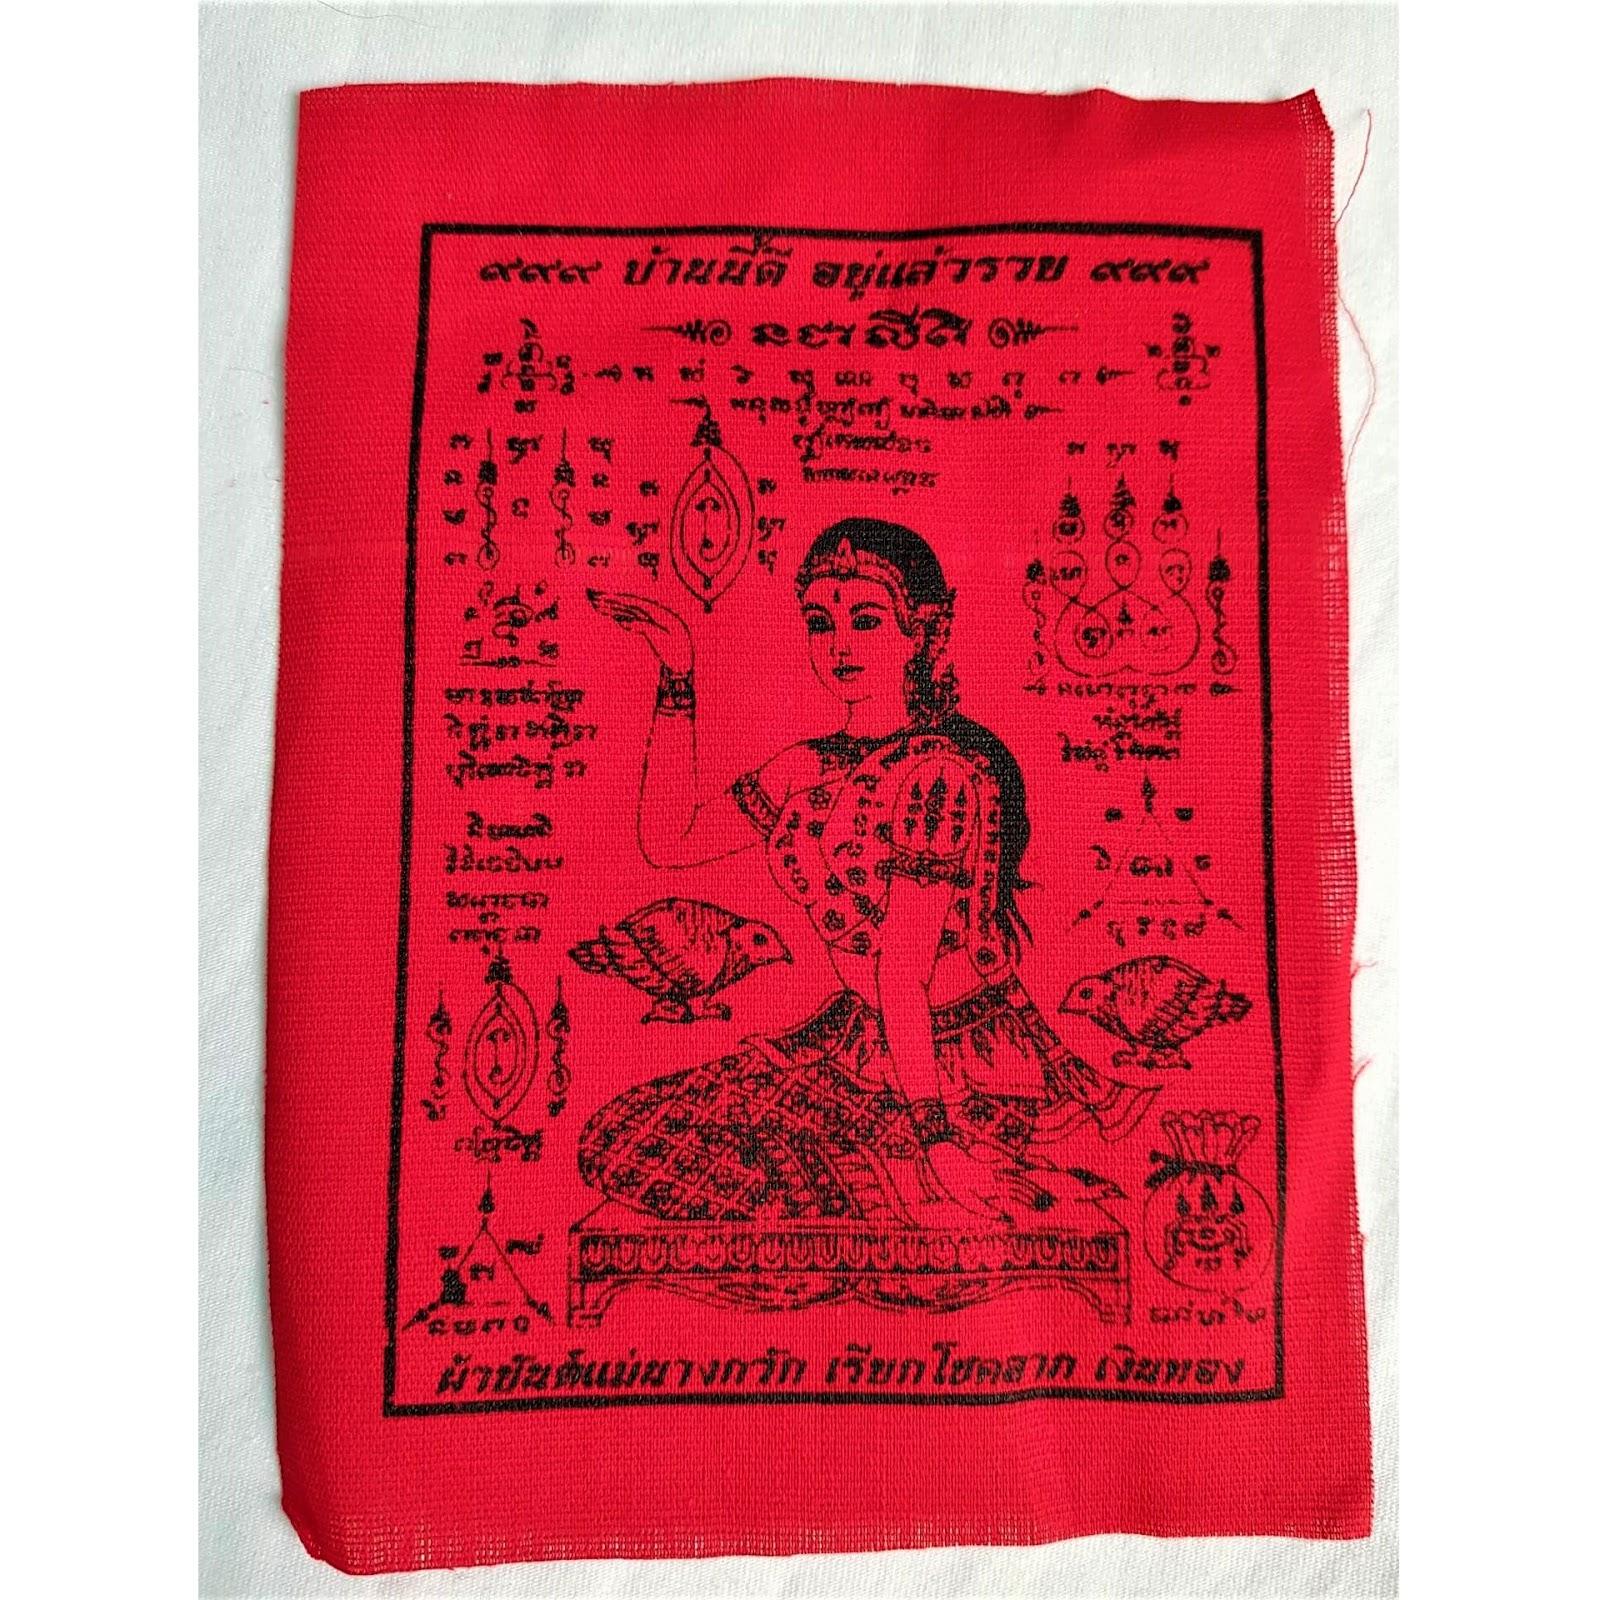 Theo truyền thuyết về các vị thần Thái Lan thì nàng Ngoắc hay gọi là Mẹ Ngoắc là nữ thần tài lộc.